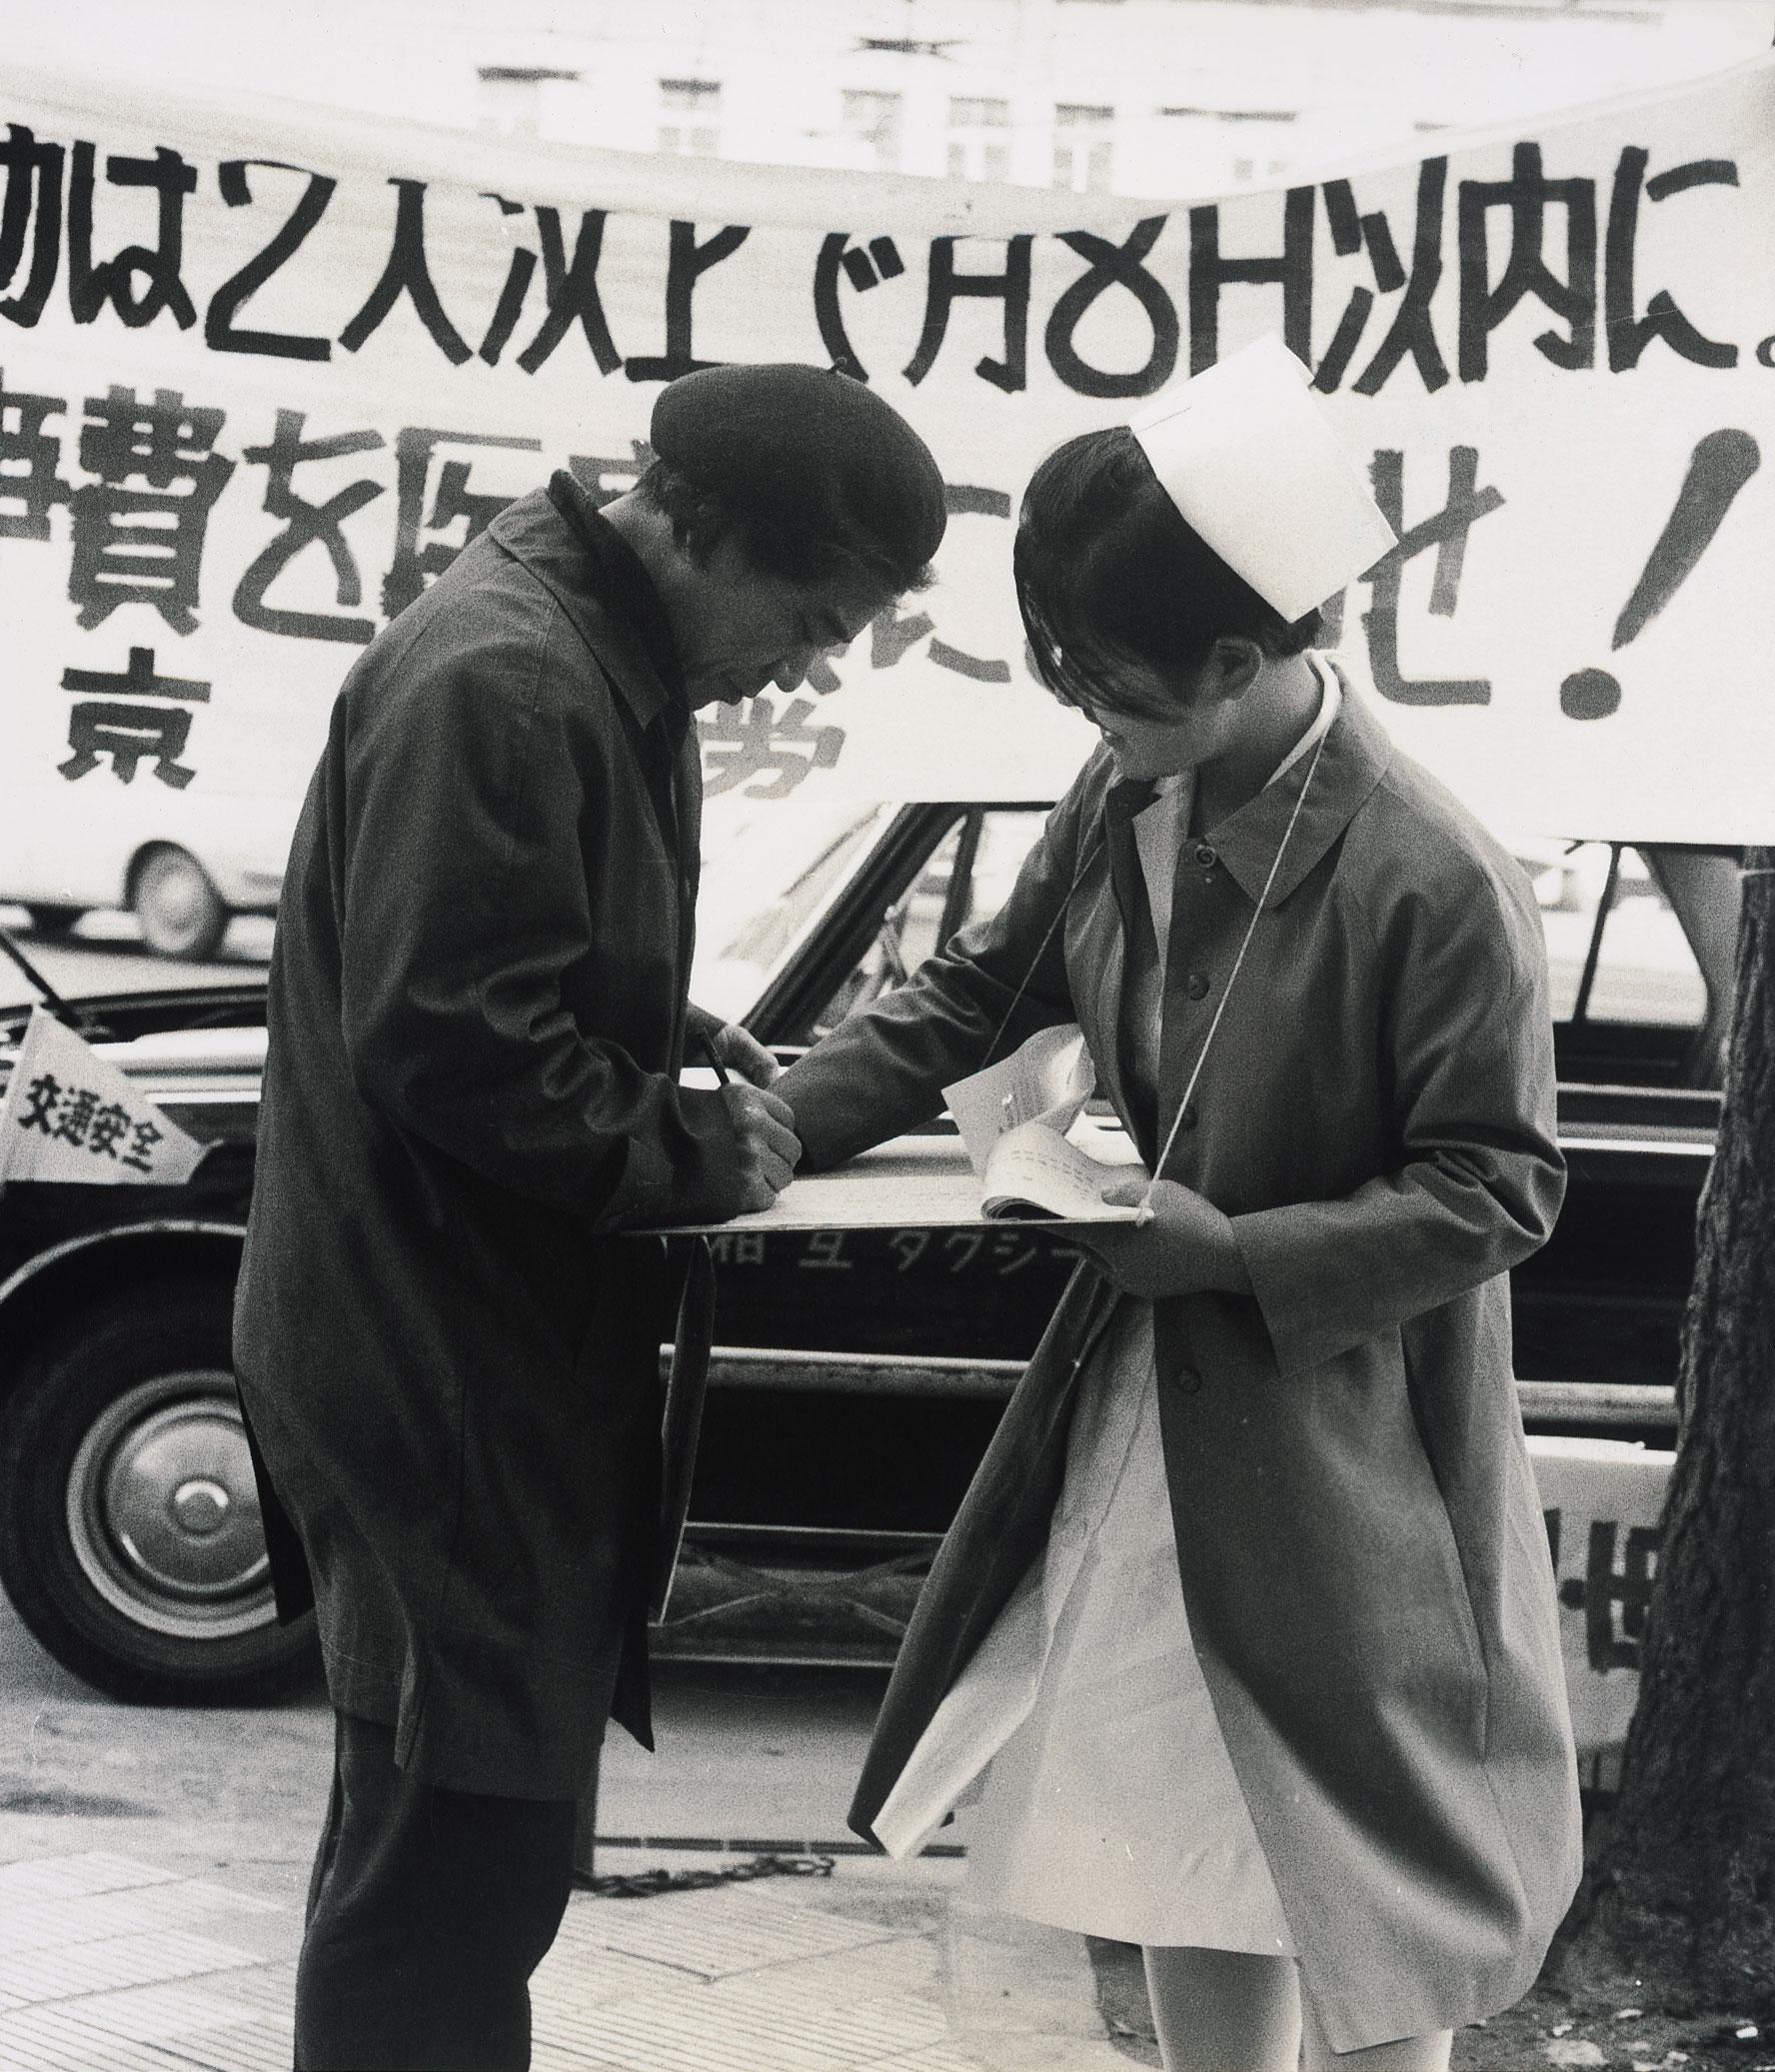 白衣の権利闘争「二・八闘争」